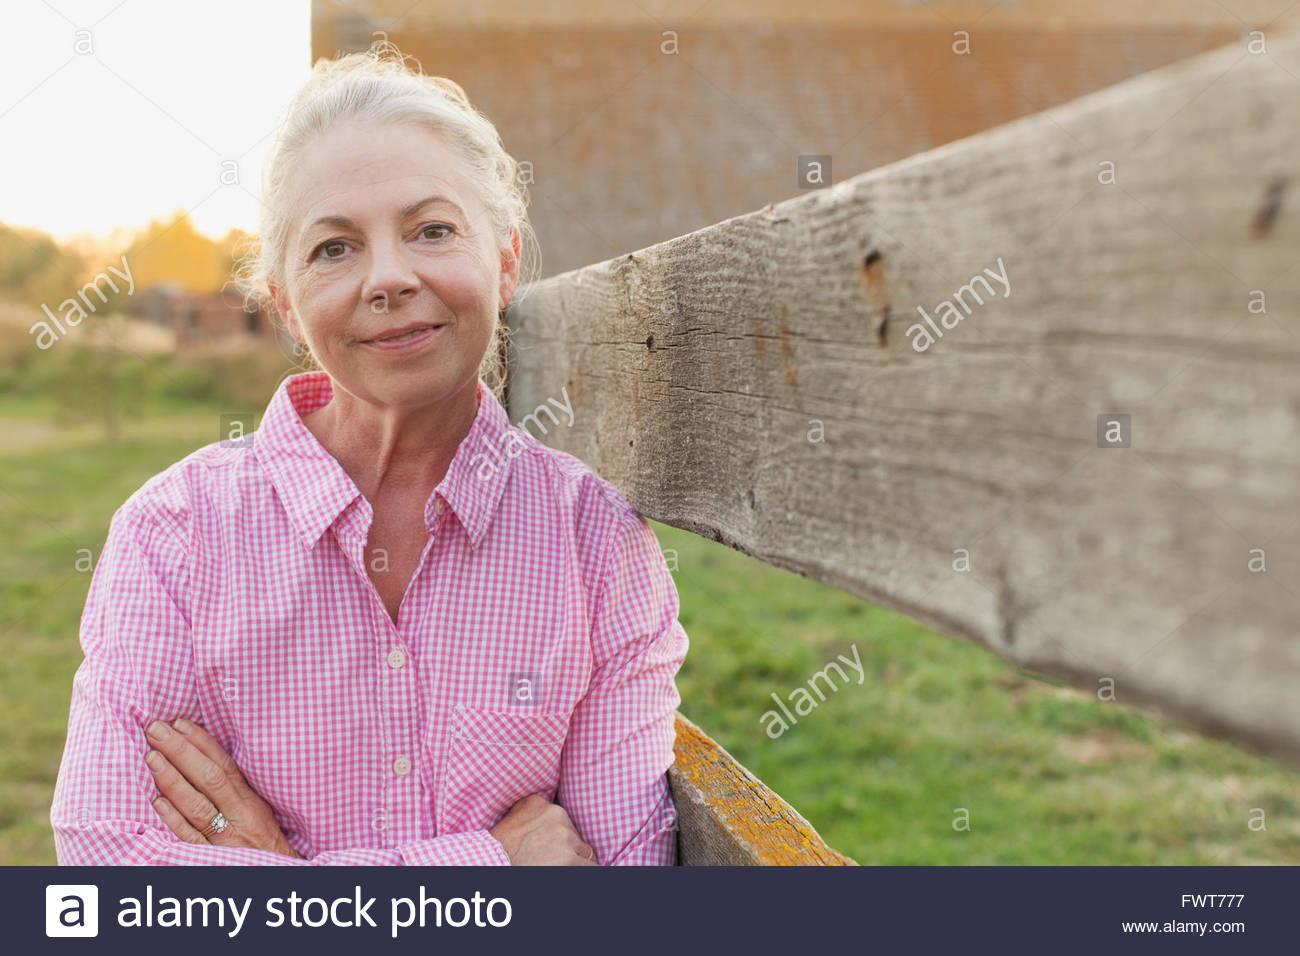 Retrato de mujer de mediana edad por una valla. Imagen De Stock